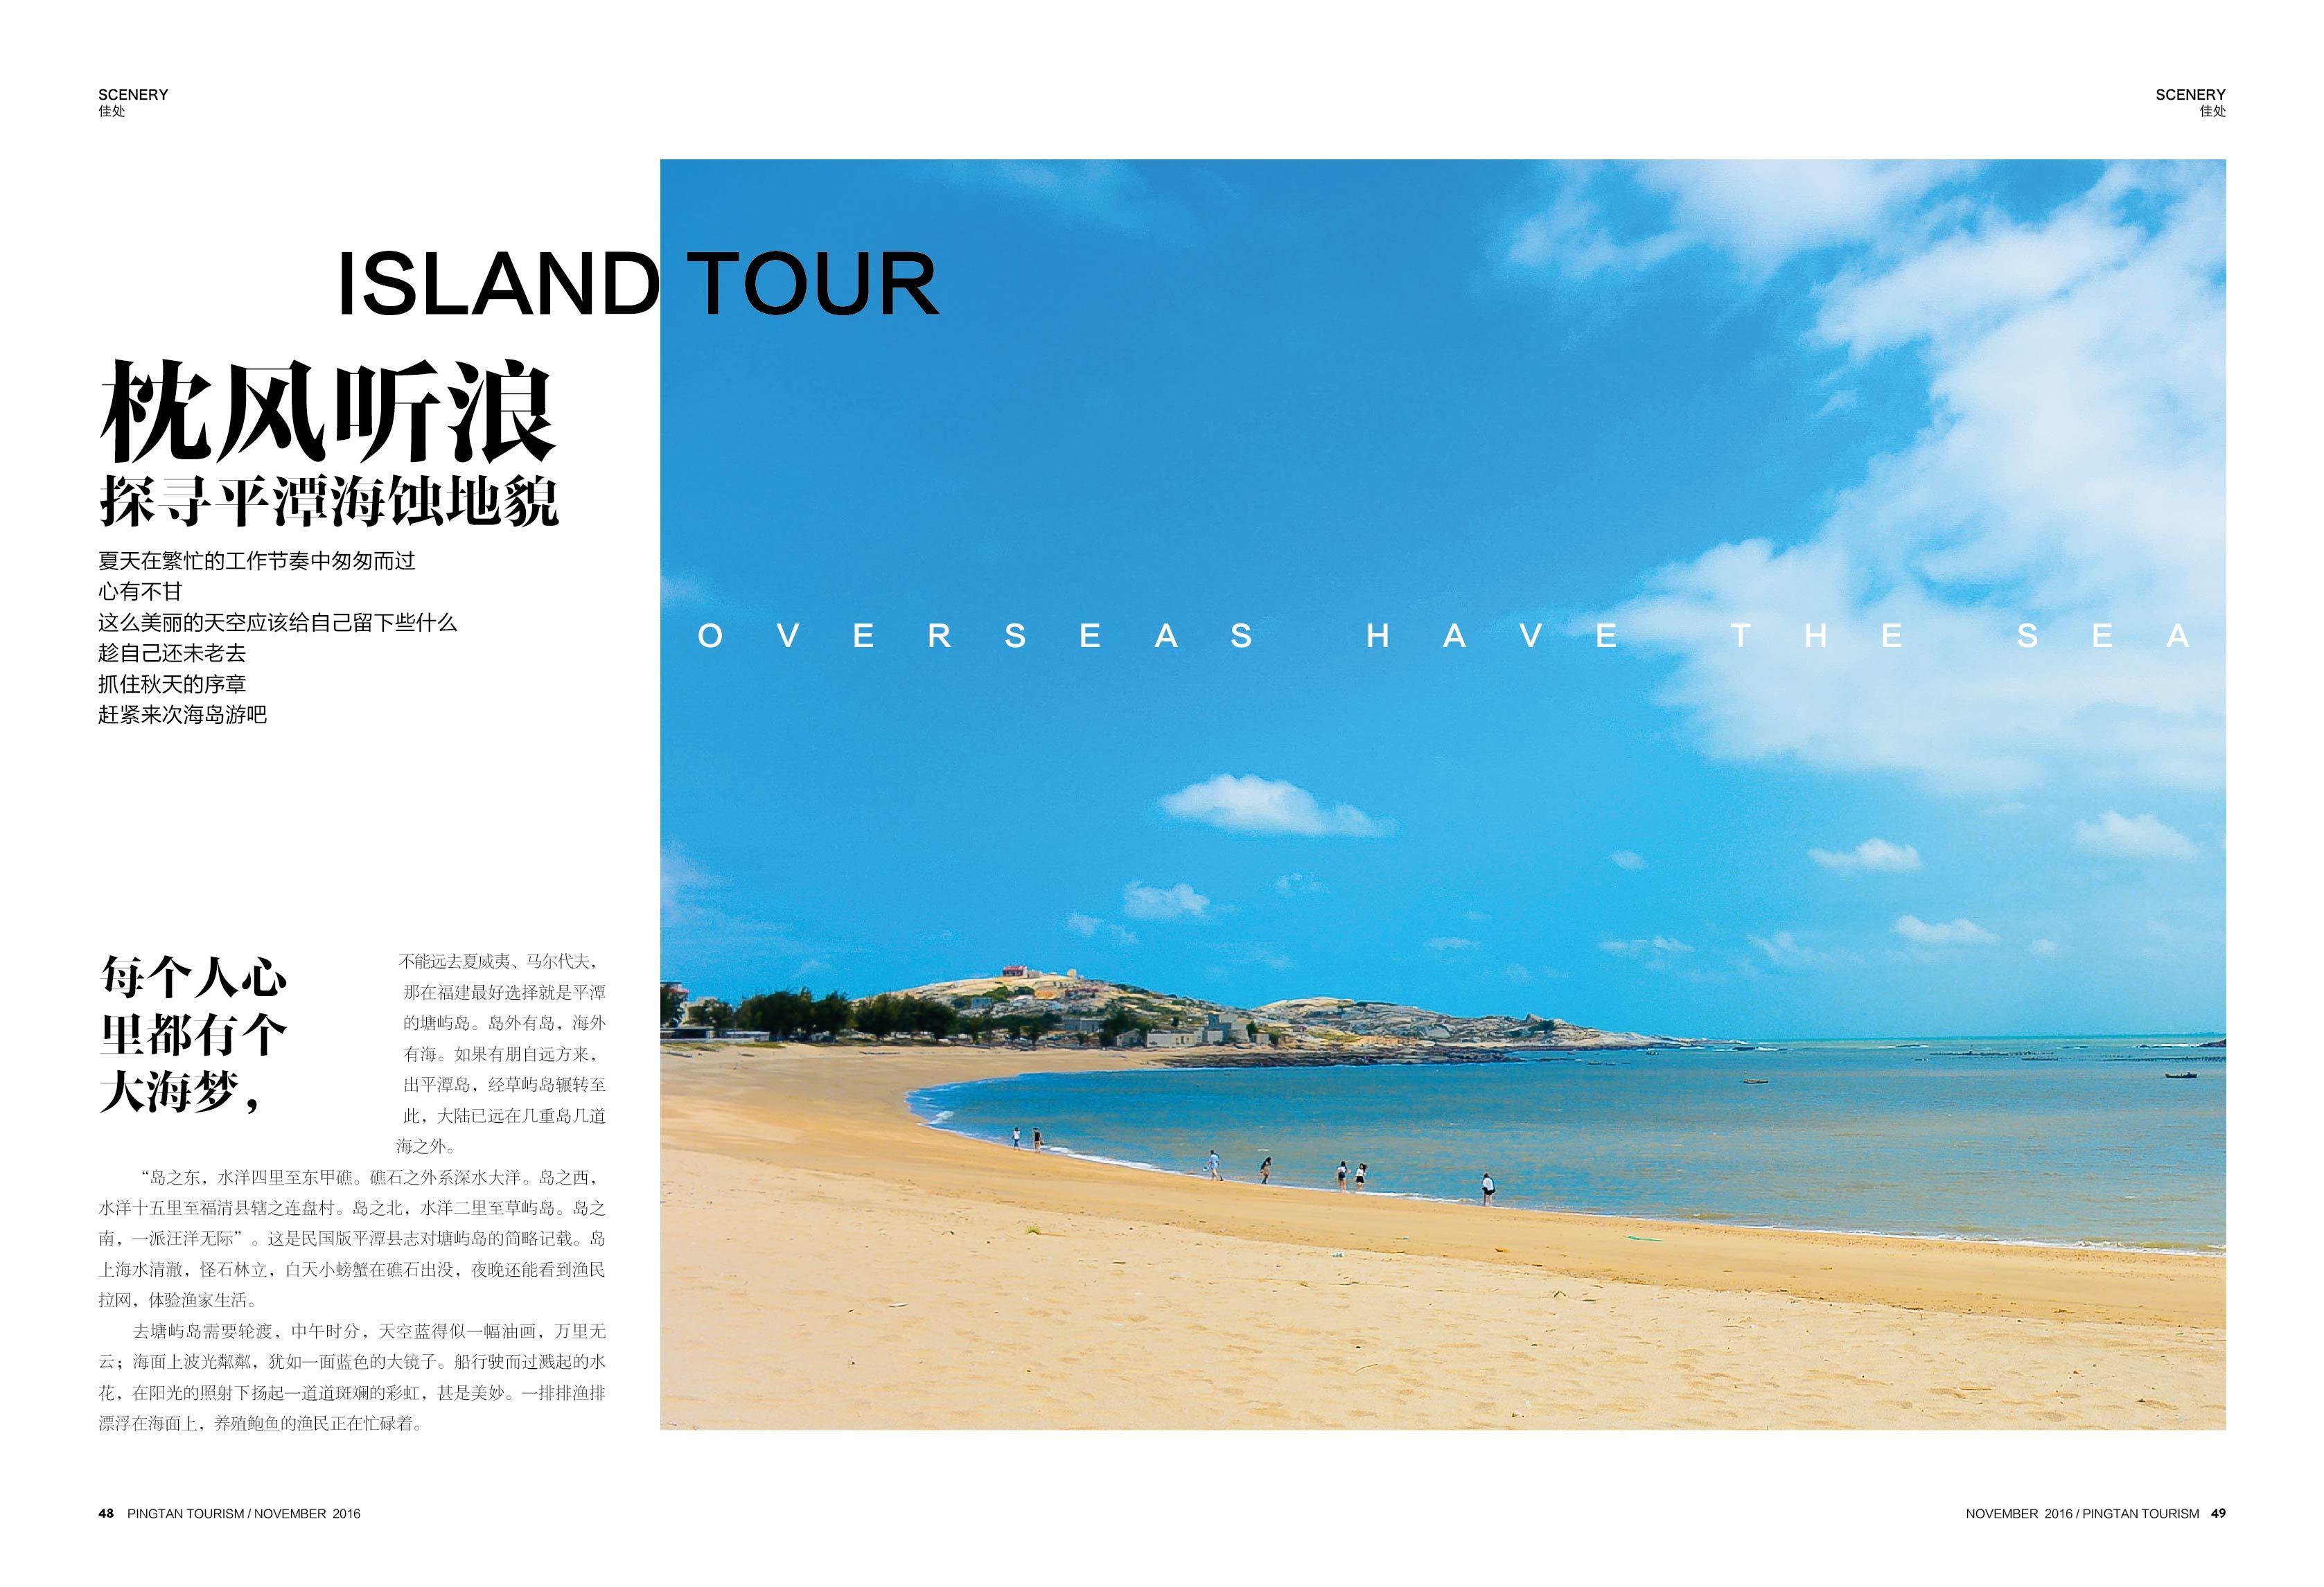 平潭旅游杂志第8期白鹿洞书院自助游攻略图片